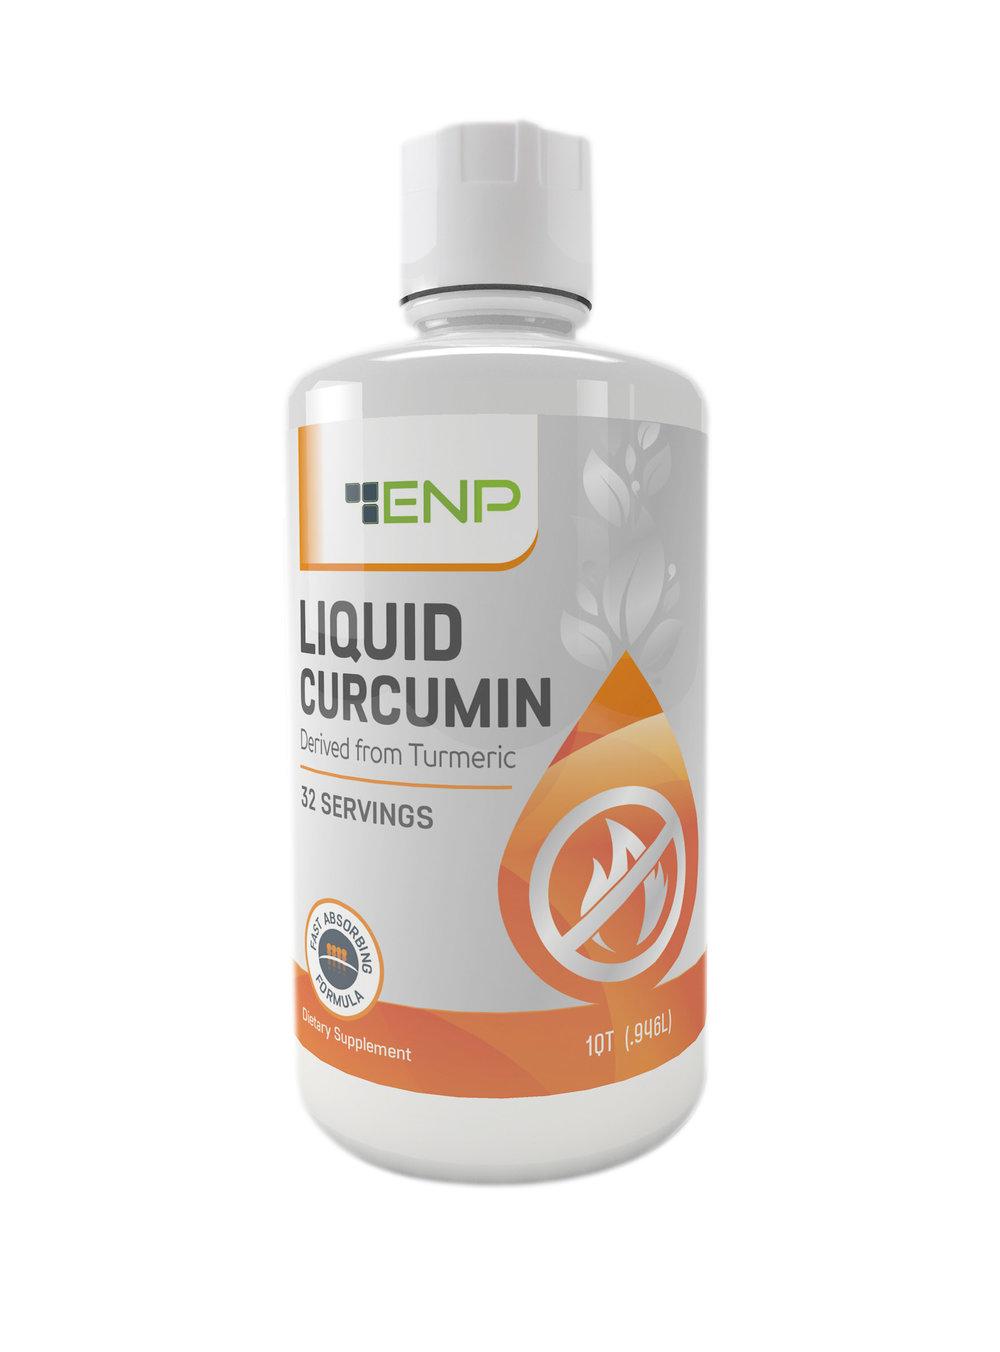 Liquid_Curcumin_Render.jpg